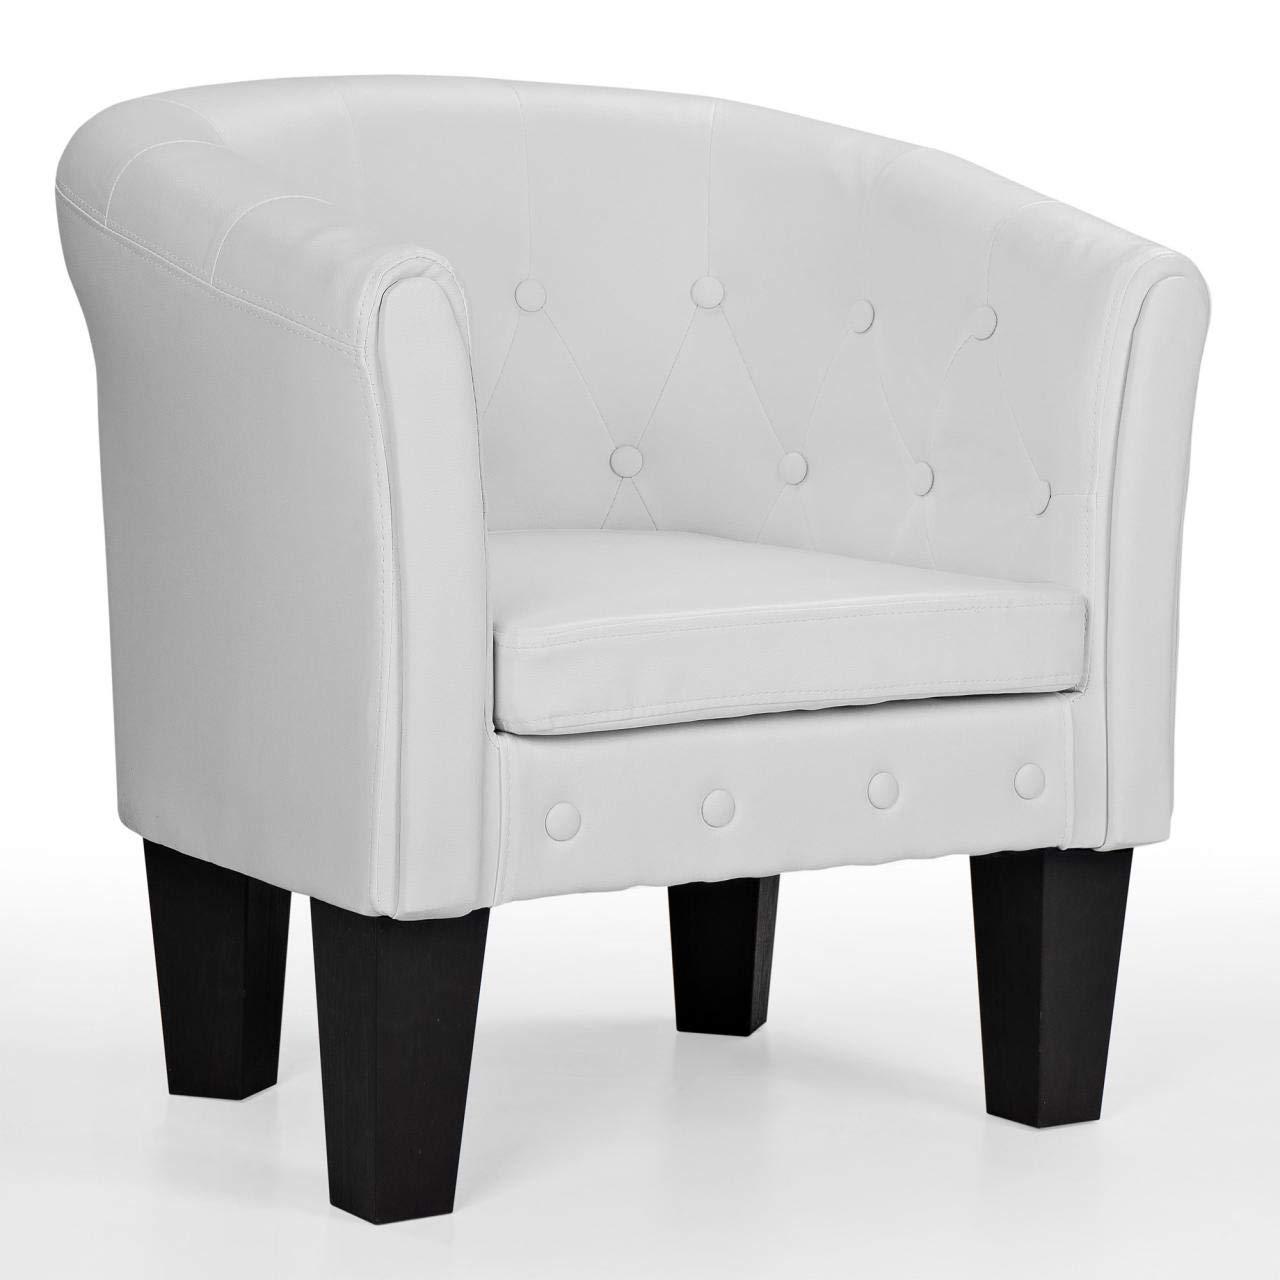 Homelux Chesterfield Sessel, aus pflegeleichtem Kunstleder und Holz, mit Rautenmuster, Farbwahl, Lounge Sessel, Clubsessel, Armsessel, Cocktailsessel, Wohnzimmer Möbel, Design-Polstermöbel, Weiss